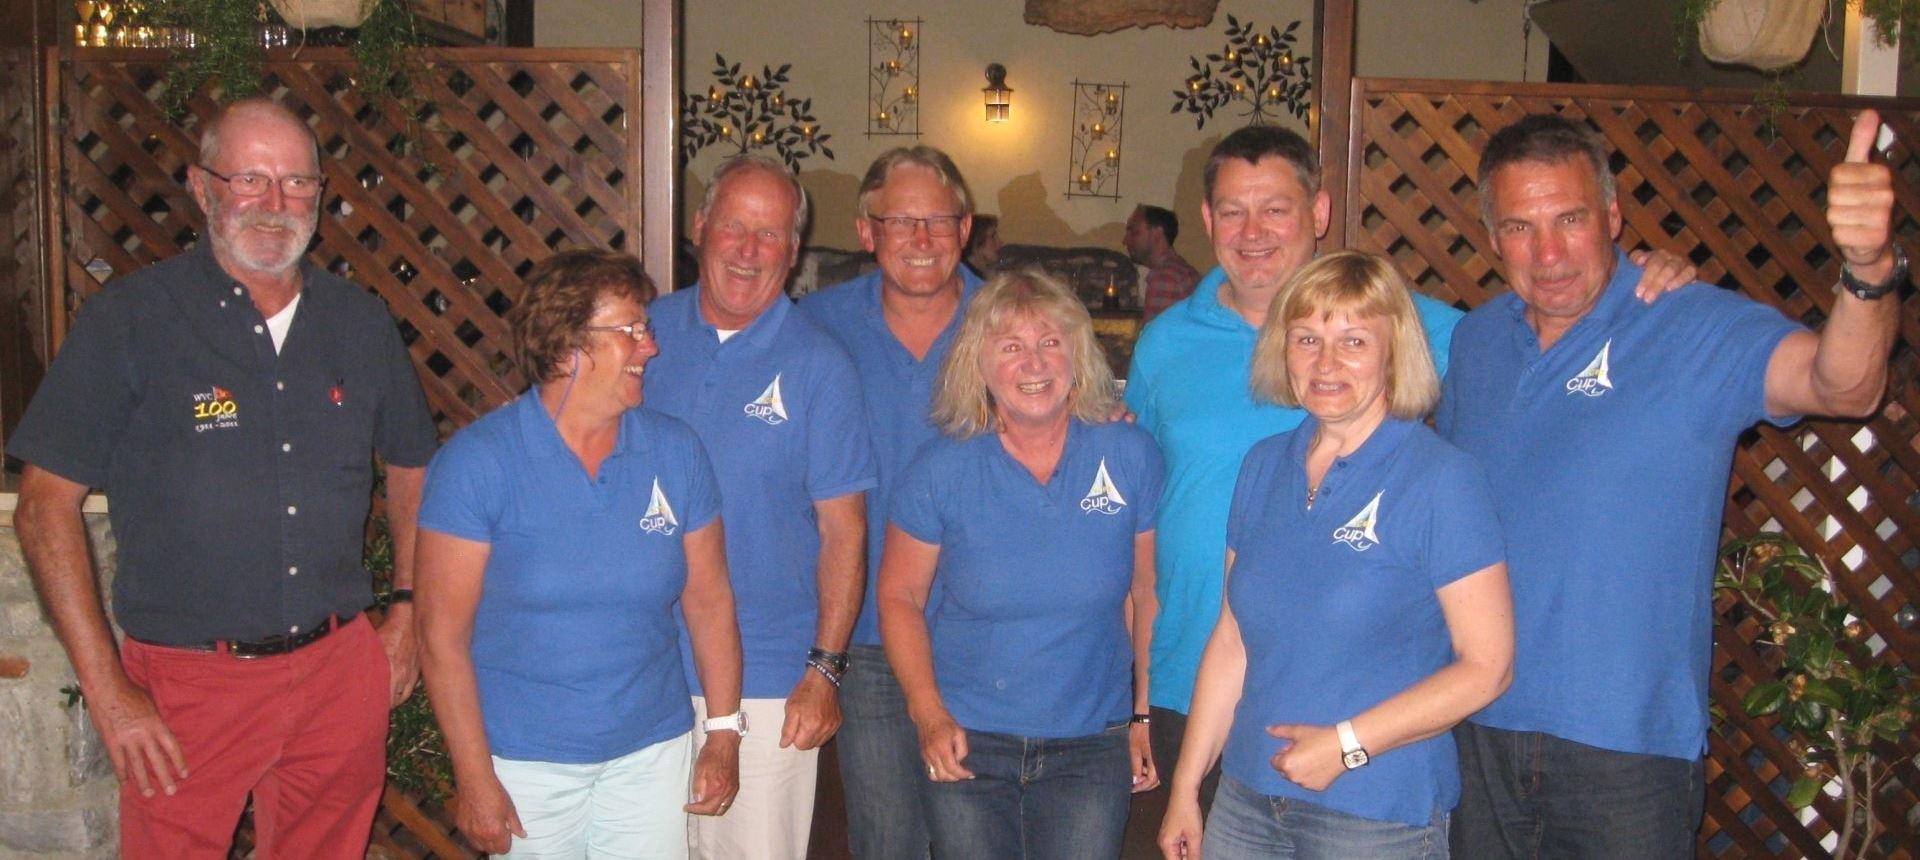 cup17 s07 crew goldgruber